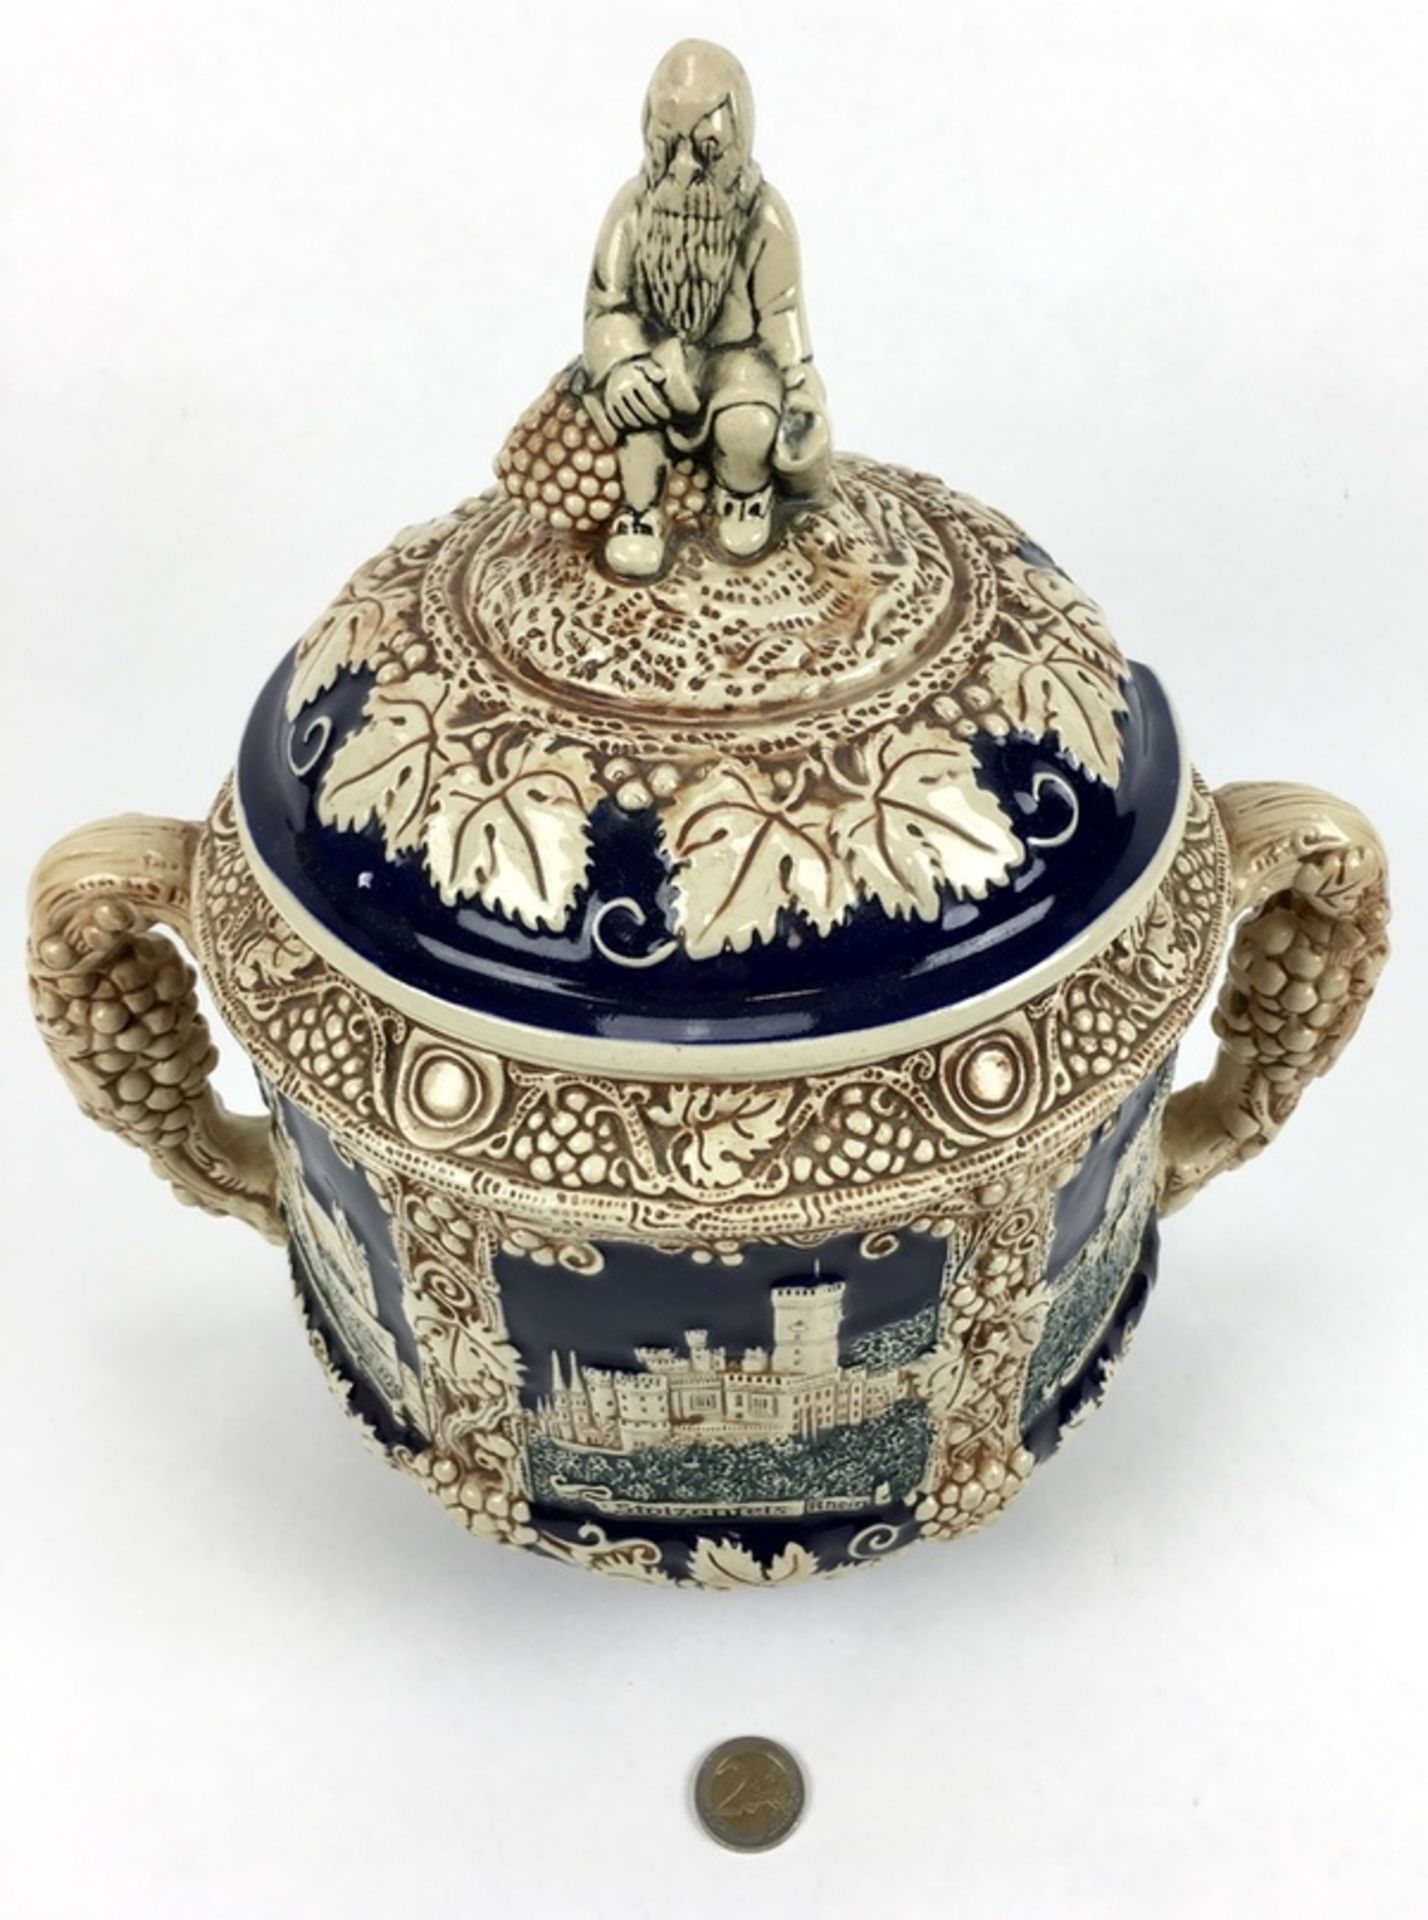 (Curiosa) Aardewerk bowl pot, DuitslandAardewerk bowl pot met druiventrossen decoratie. Duitsla - Bild 2 aus 8